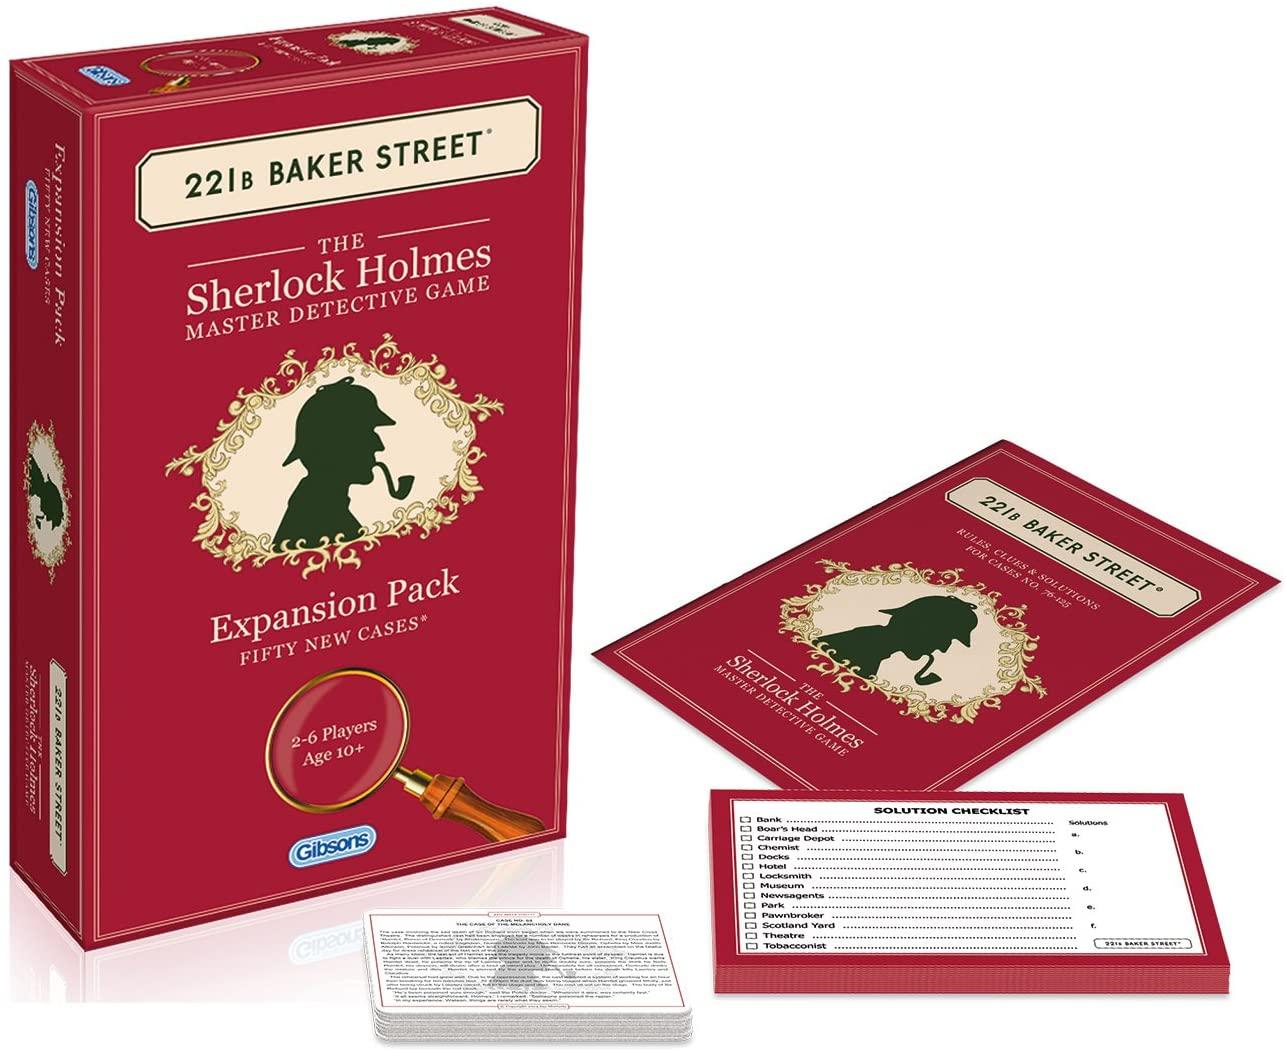 221B Baker Street: Expansion Pack (50 New Cases)